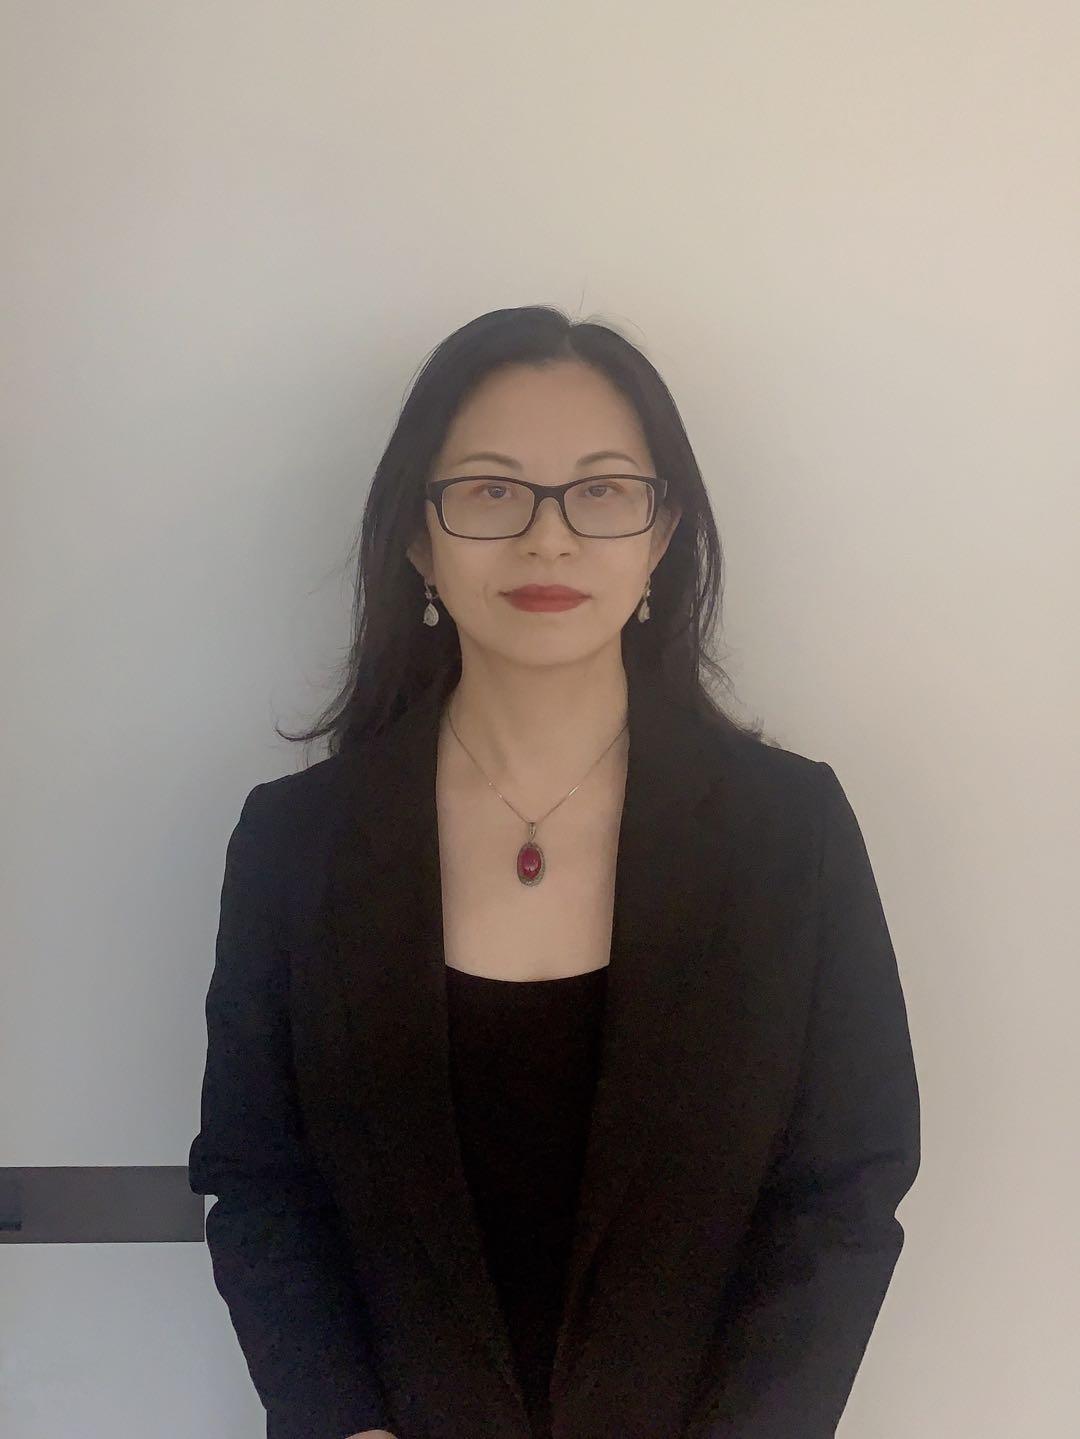 https://lisaslaw.co.uk/wp-content/uploads/2020/07/rosahuang.jpg